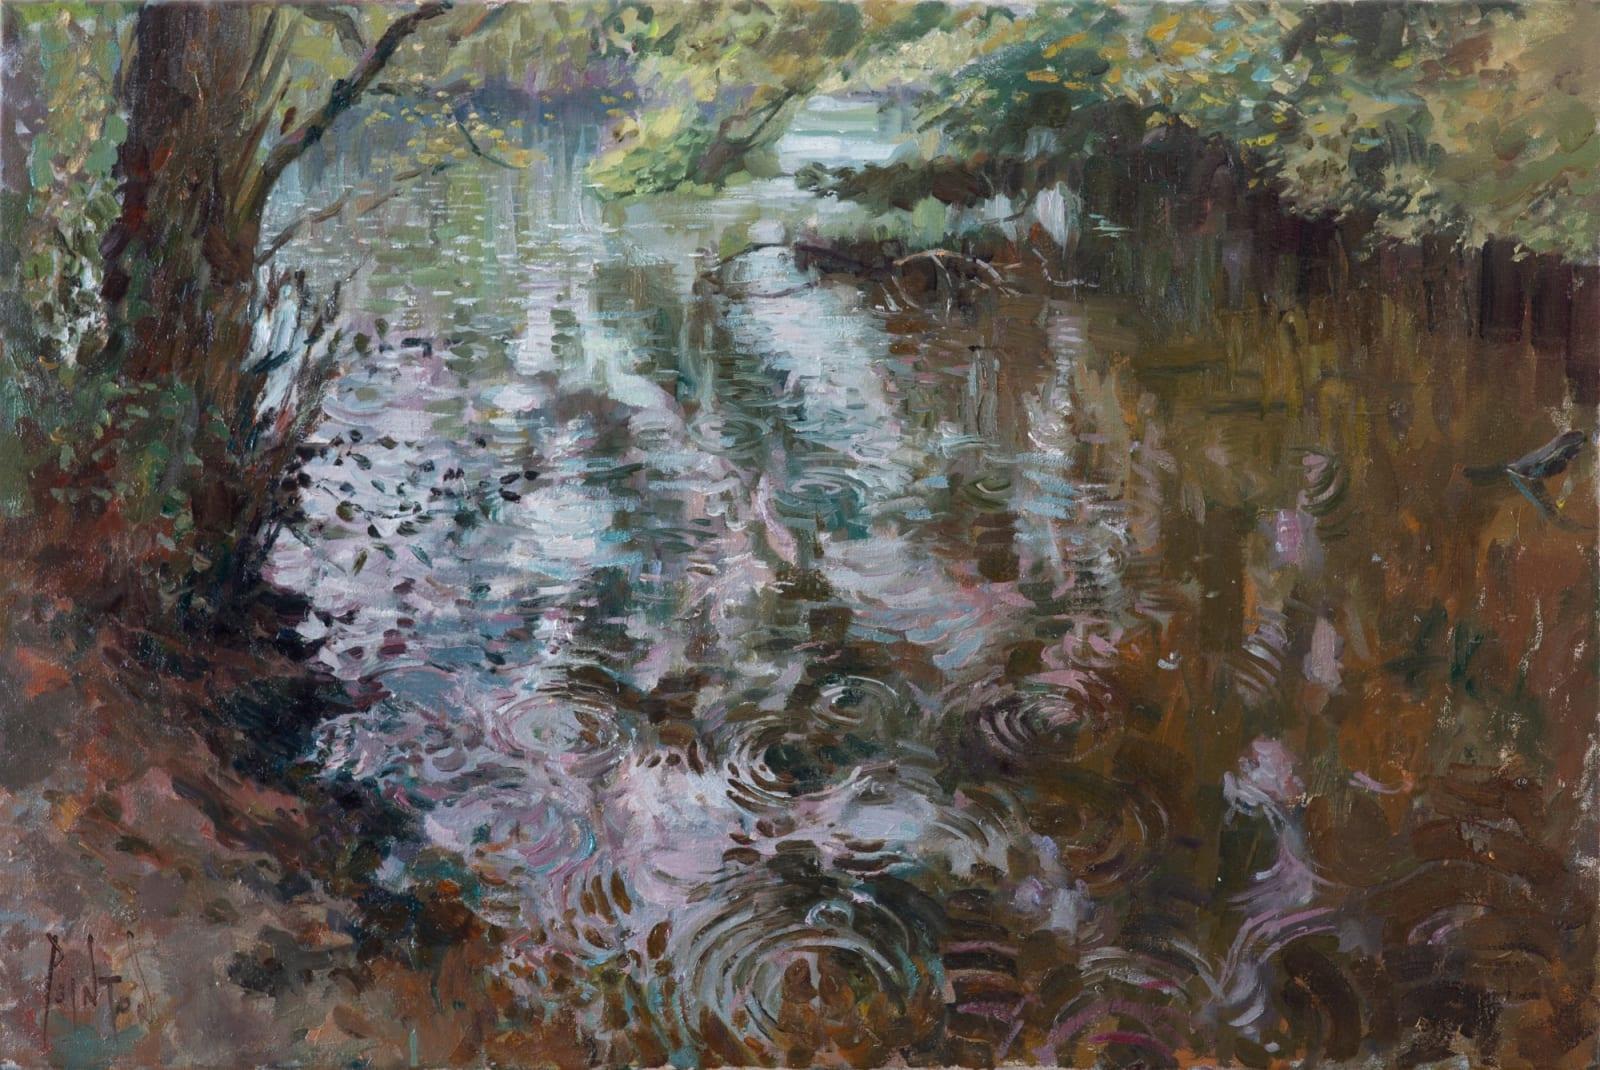 Rob Pointon ROI, Raindrops on the Pond, 04/2020